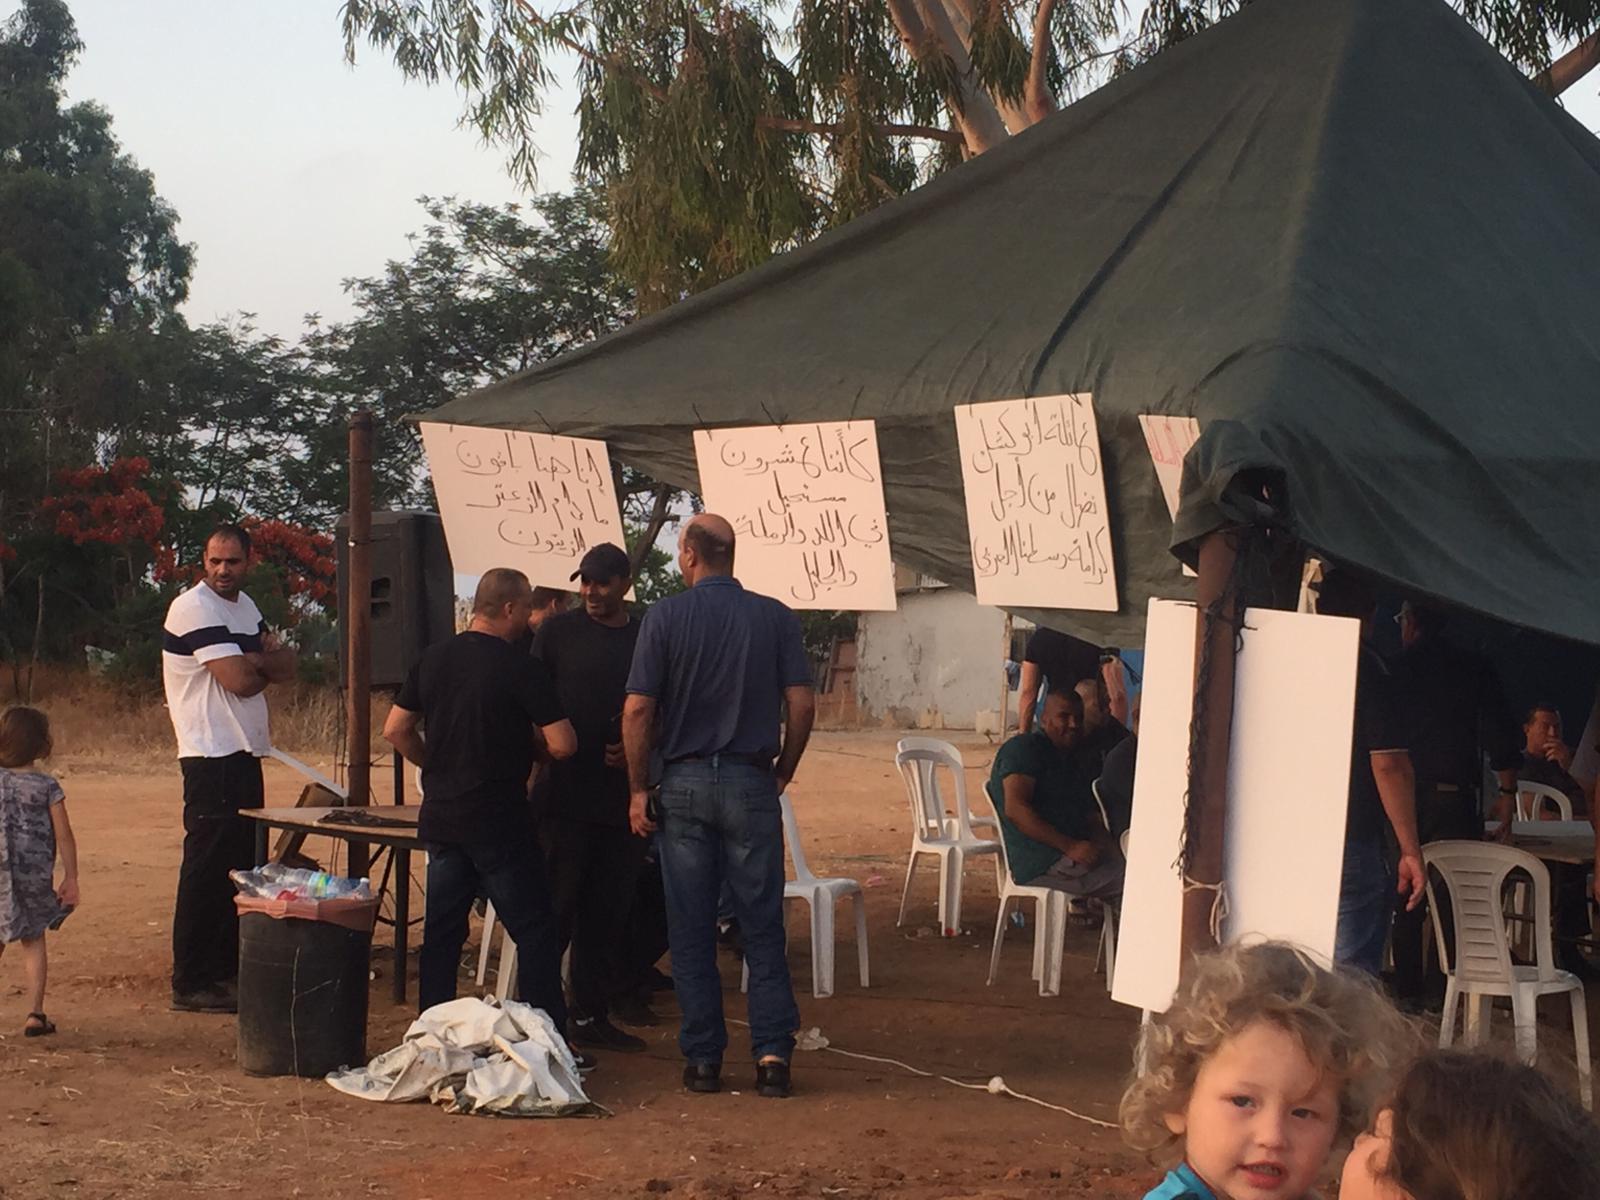 اللد: مشاركة واسعة في الاعتصام ضد هدم حي بأكمله